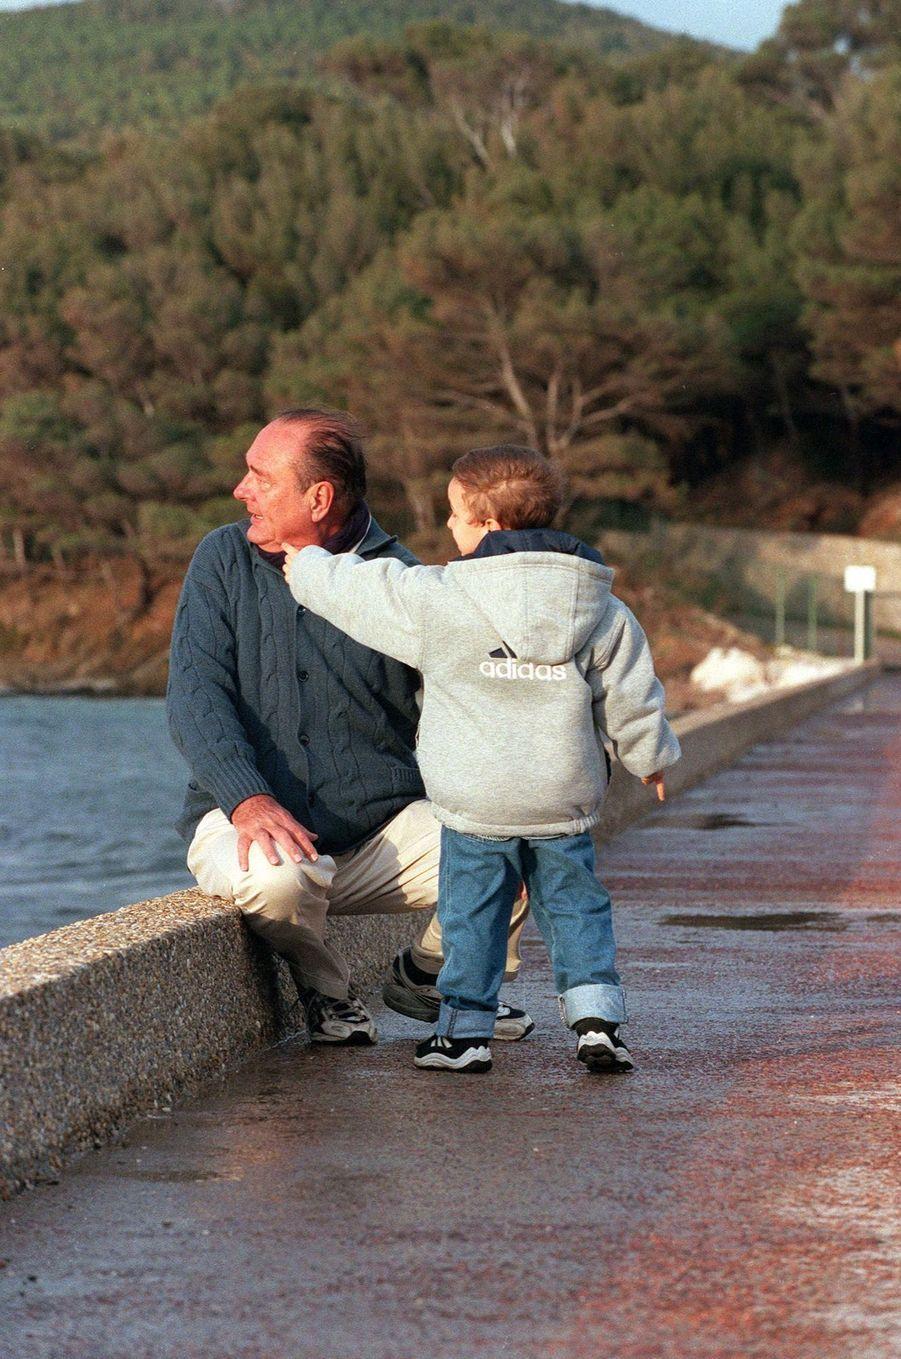 Jacques Chirac le président grand-père avec son petit-fils Martin, lors d'une promenade au pied du fort de Brégançon, en avril 2000.